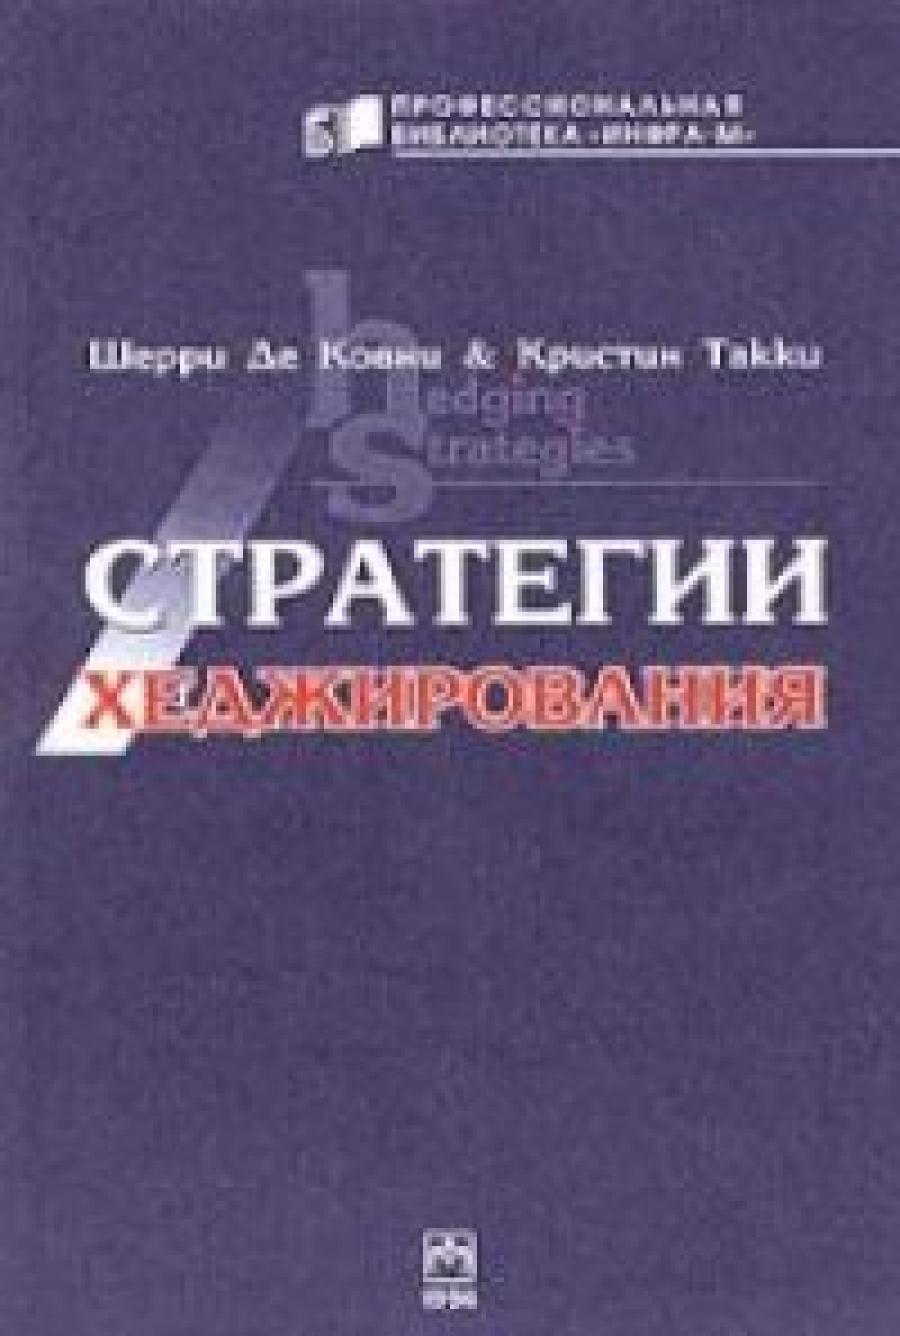 Обложка книги:  шерри де ковни, кристин такки - стратегии хеджирования